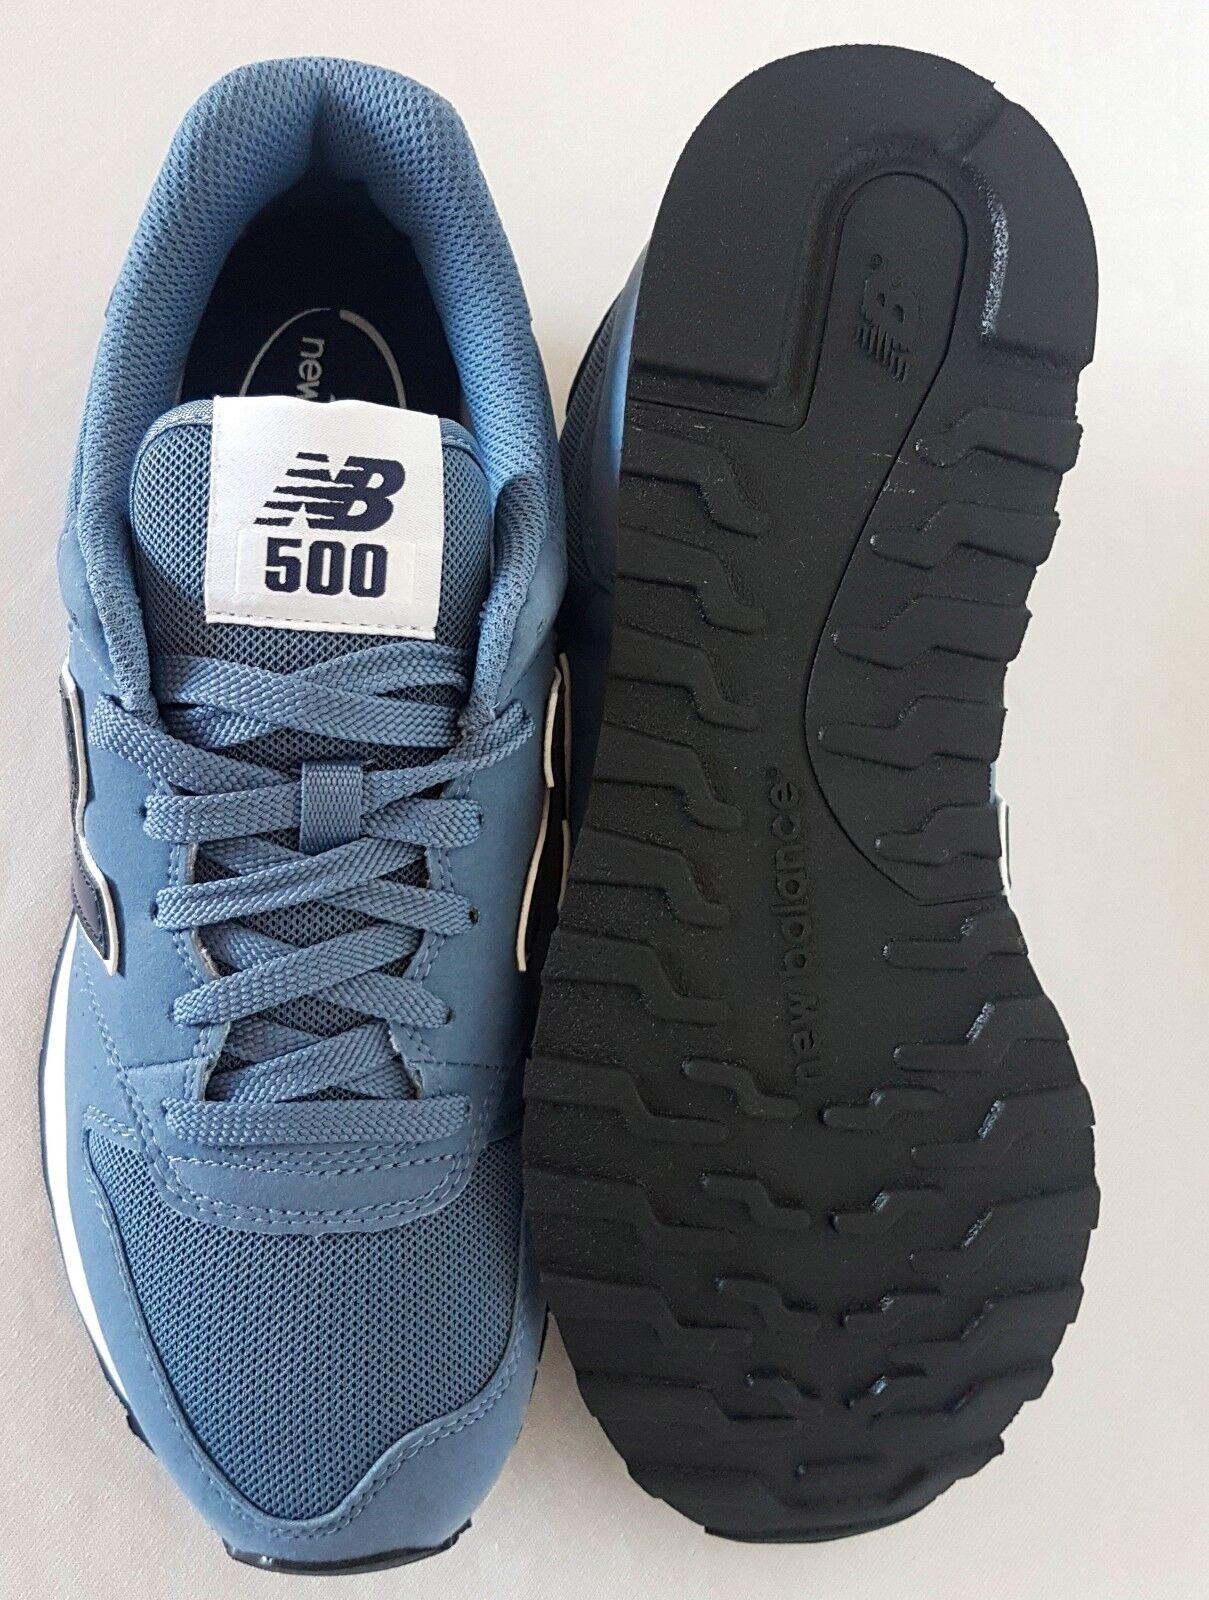 buy popular b9397 47bc2 ... Herrenschuhe gymnastik turnschuhe neu gleichgewicht 500 500 500  klassisch blau schwarz 3c9aa2 ...